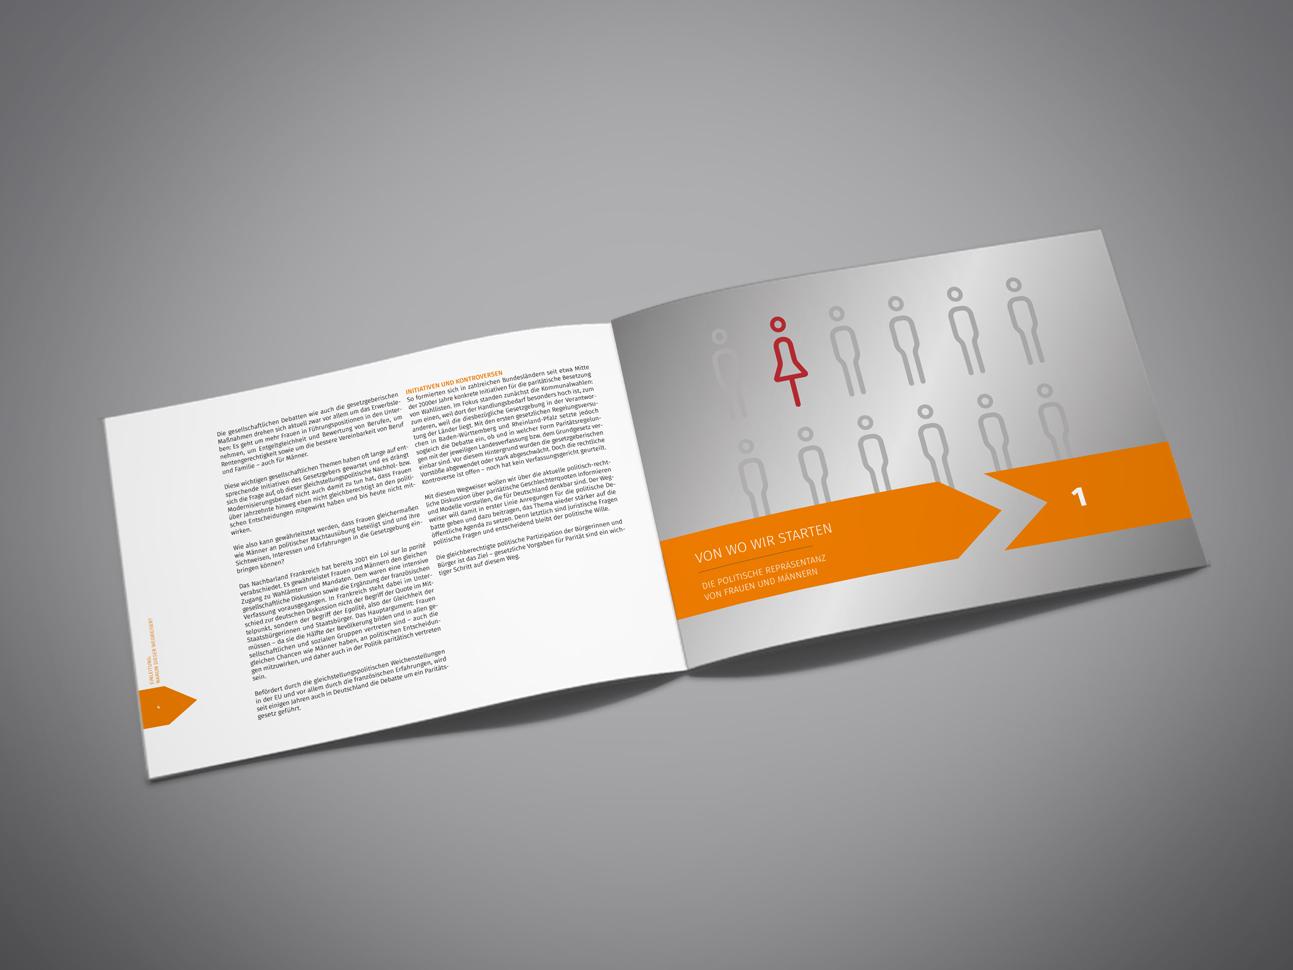 martin_zech_design_projekt-design_paritaet-in-der-politik_wegweiser_kapitel-1